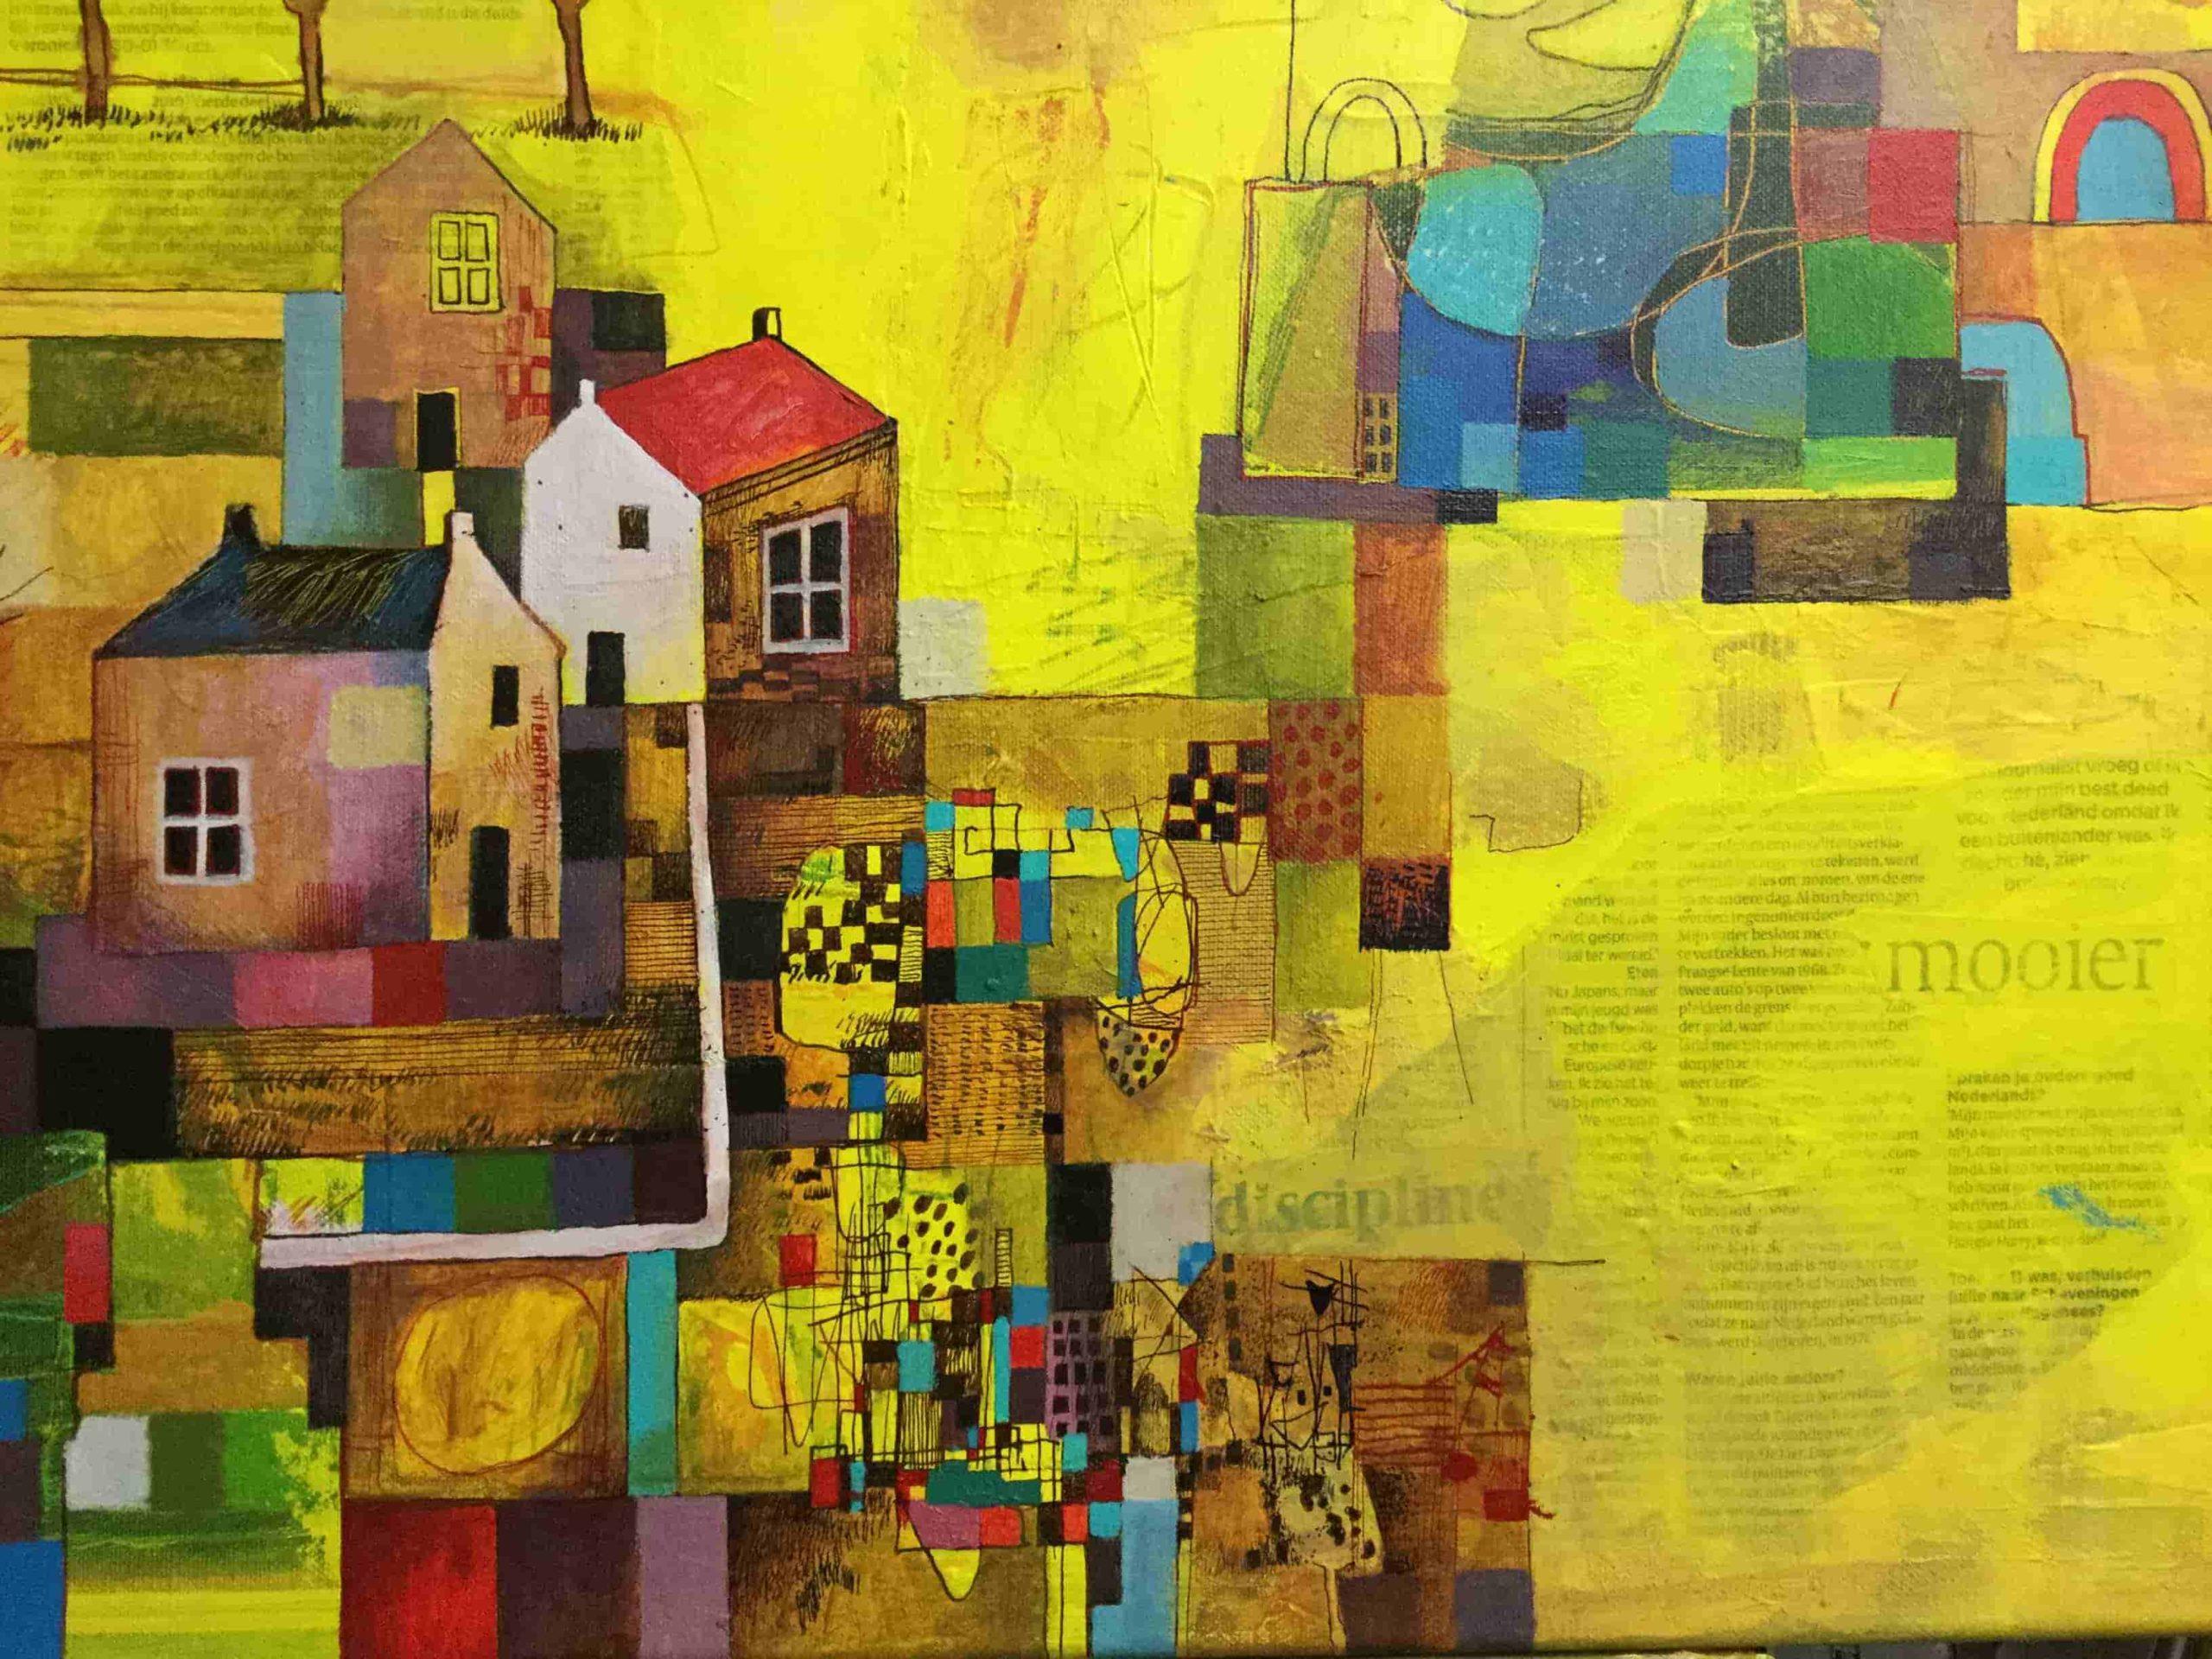 Little village